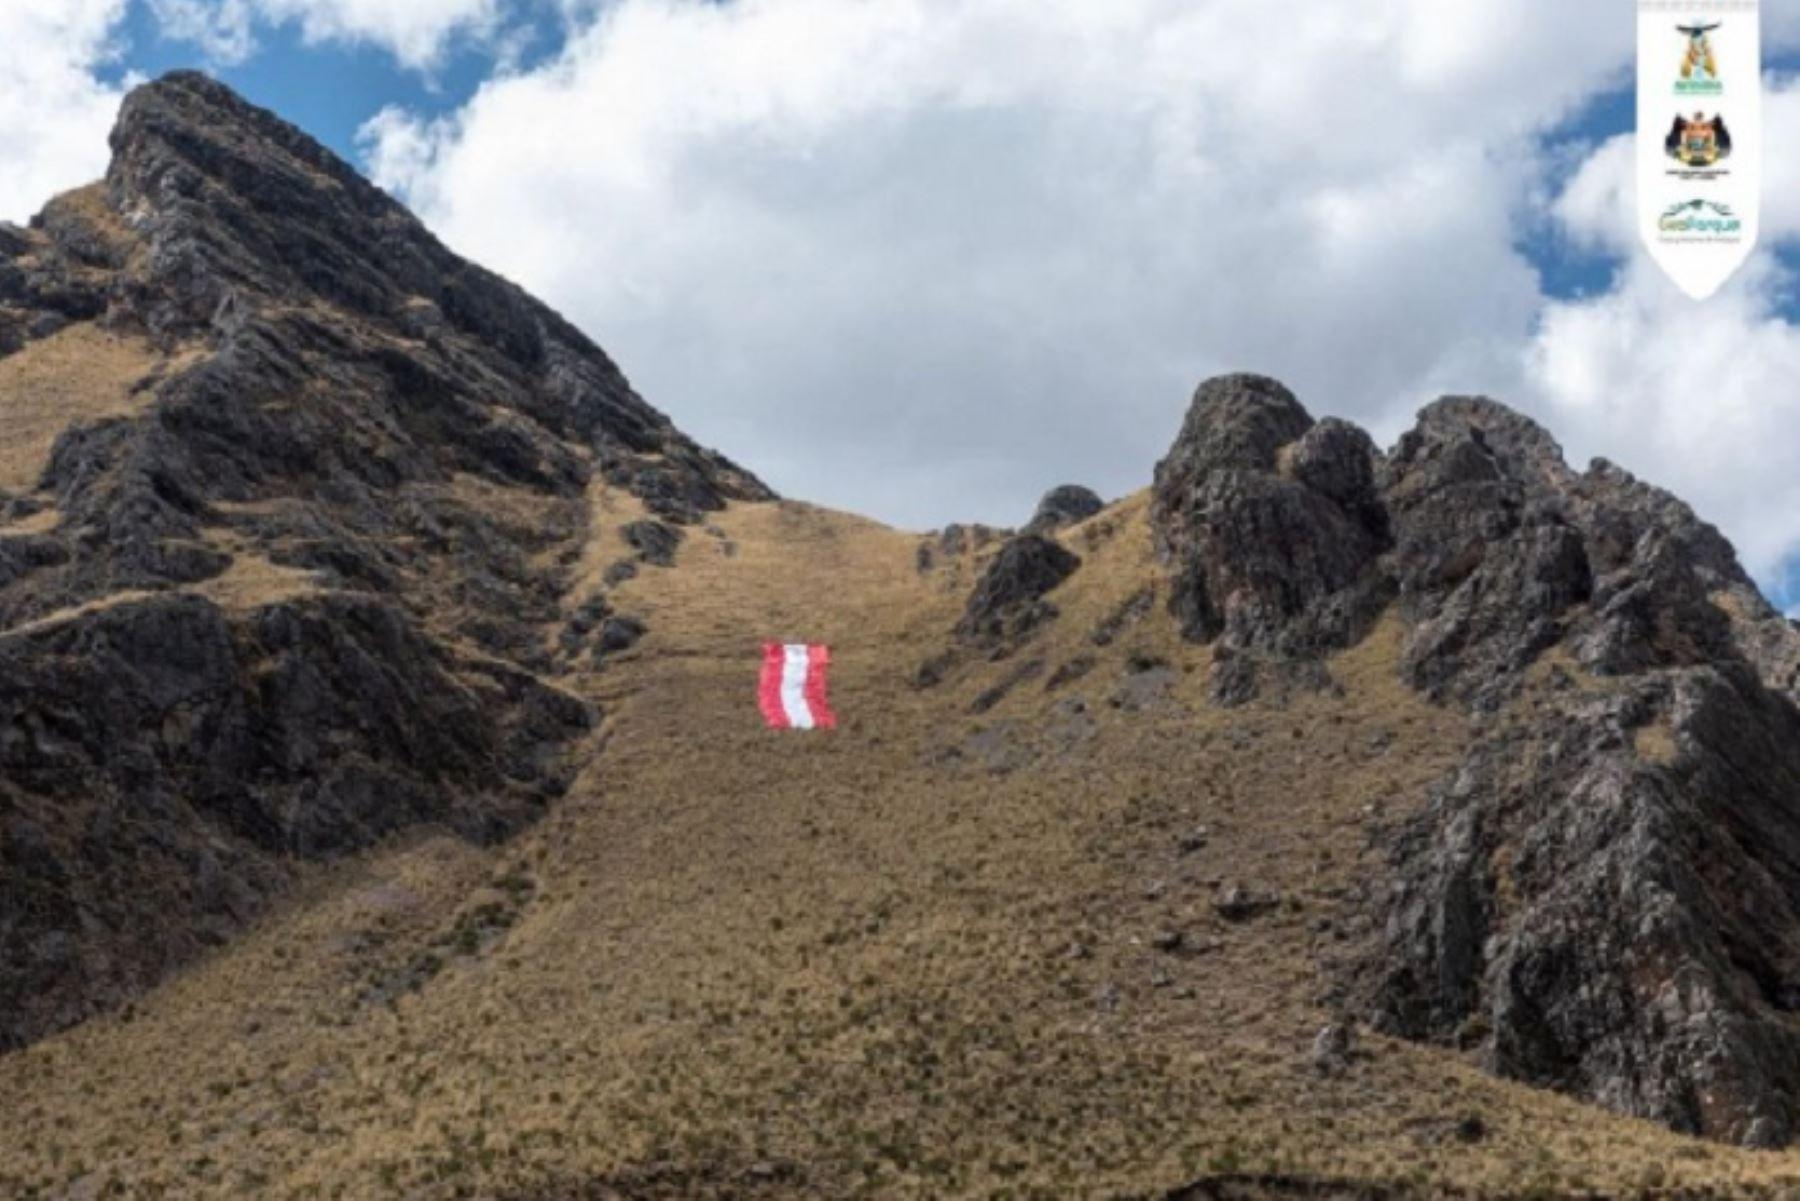 El símbolo patrio, de 10 metros de ancho por 70 metros de largo, fue trasladado hasta el apu de Sibayo, de casi 3,000 metros de altura.